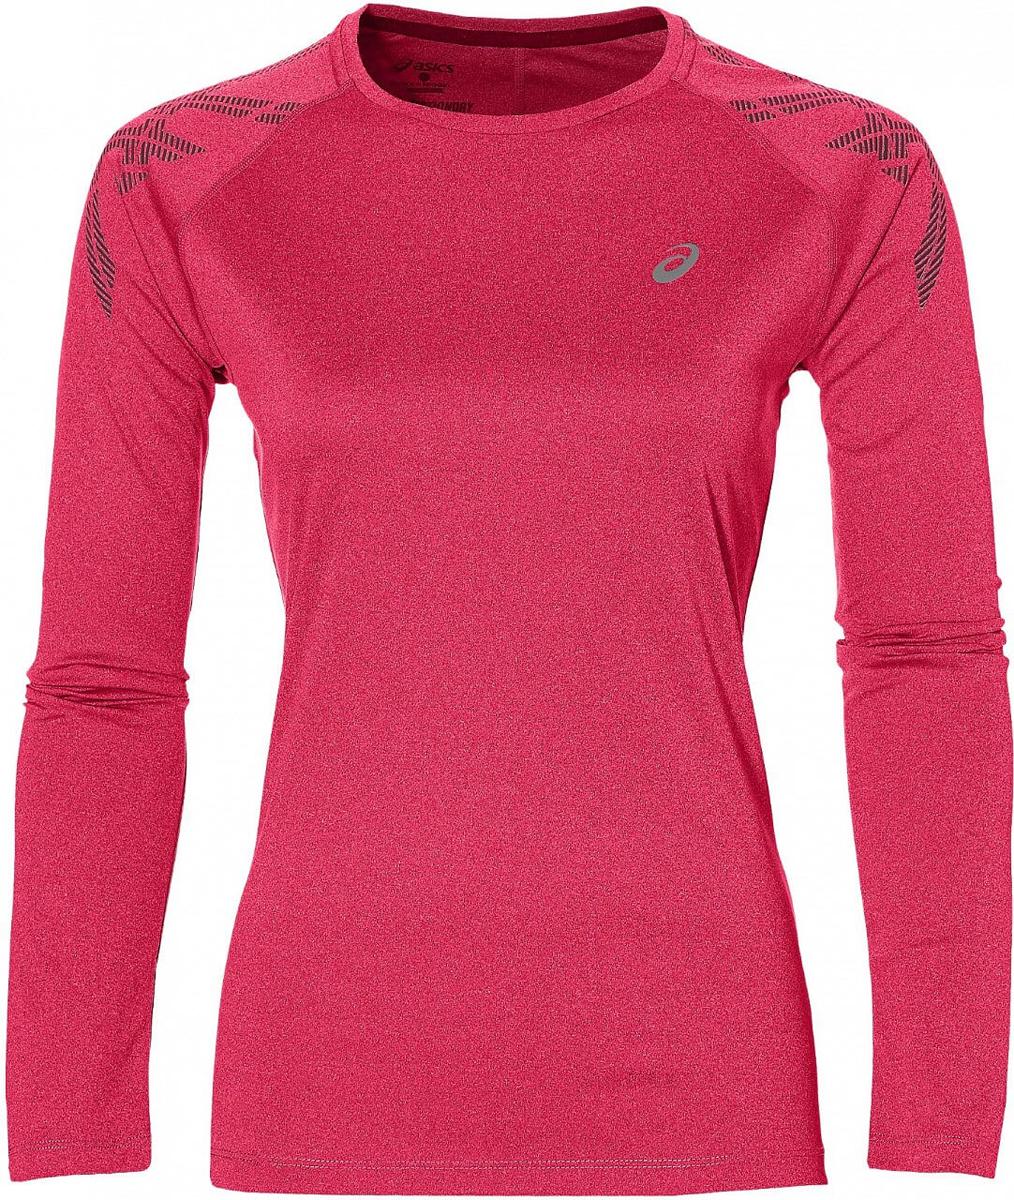 Лонгслив для бега женский Asics Asics Stripe LS Top, цвет: розовый. 146603-0699. Размер L (48/50)146603-0699Лонгслив от Asics предназначен специально для бега. Эта легкая беговая модель обеспечит вам безупречный комфорт и достижение высоких спортивных результатов благодаря мягкой, эластичной ткани, которая отводит влагу и поддерживает тело сухим. Плоские швы не натирают кожу и обеспечивают полный комфорт. Фасон рукавов-реглан элегантен и создает свободу движений. Лонгслив декорирован логотипом. Максимальный комфорт и уникальный спортивный образ!